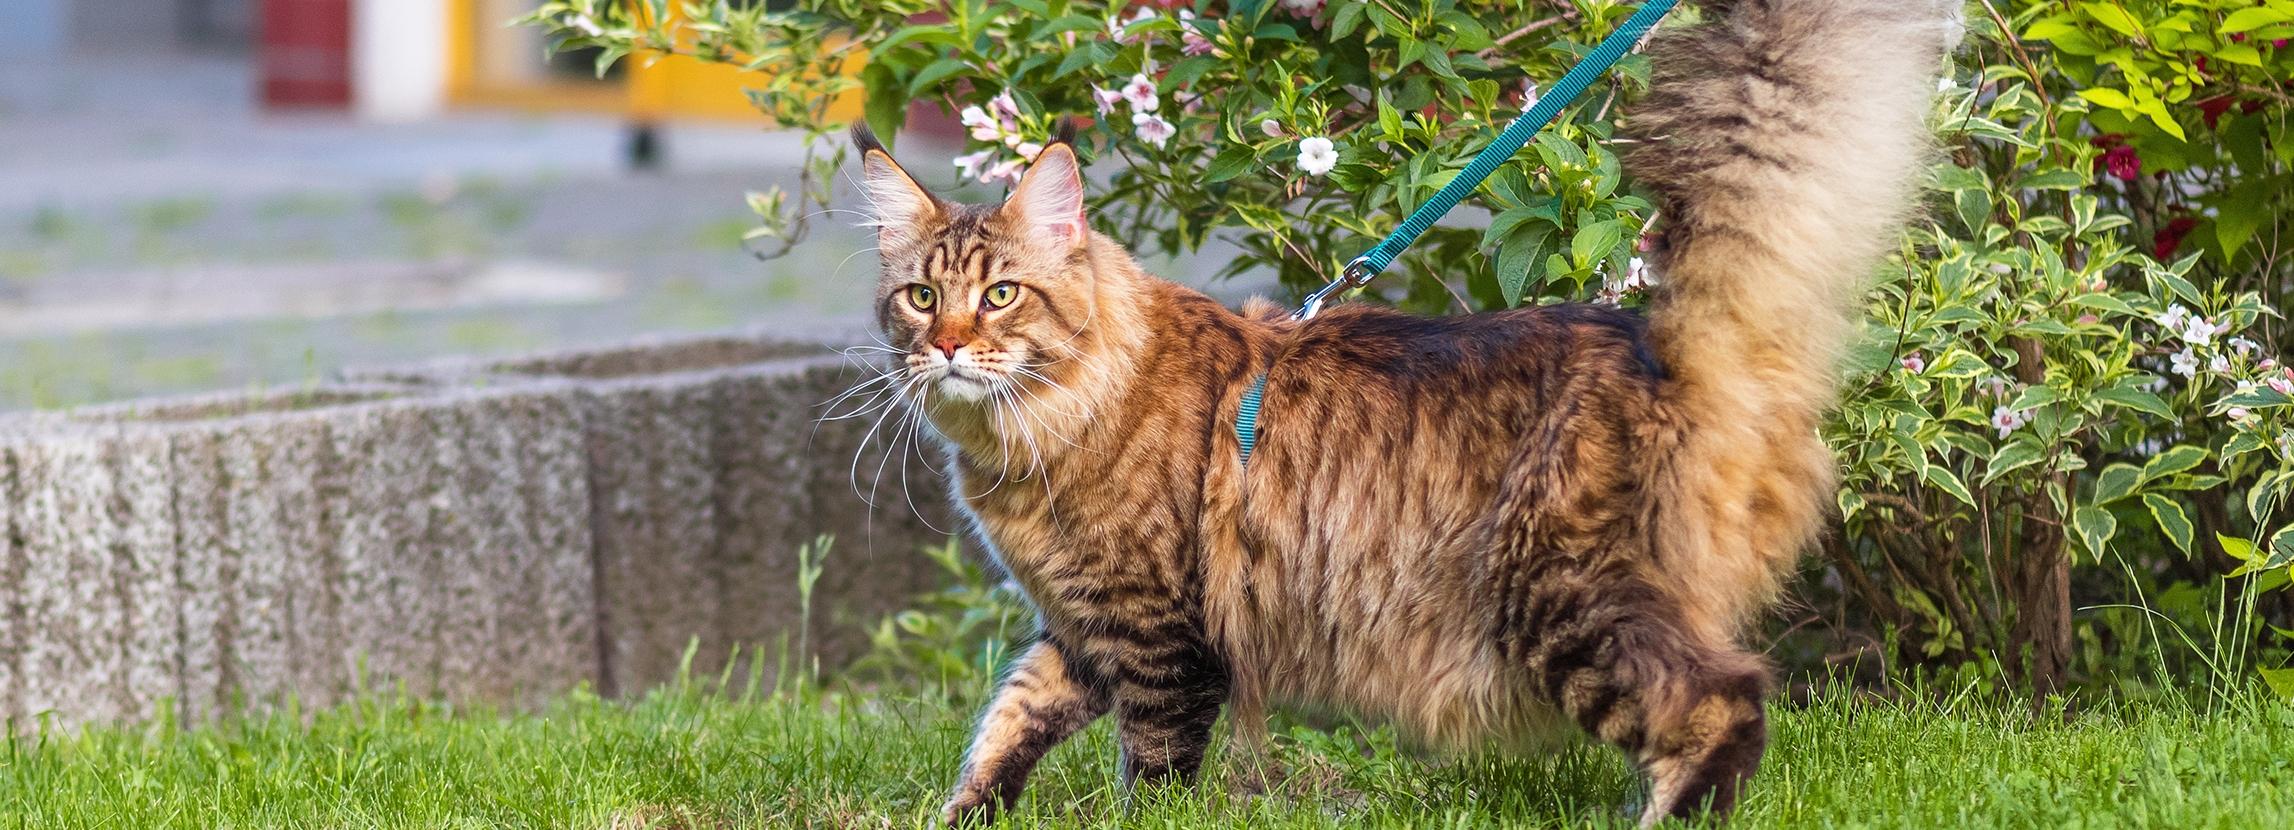 Spacer z kotem - o czym trzeba pamiętać